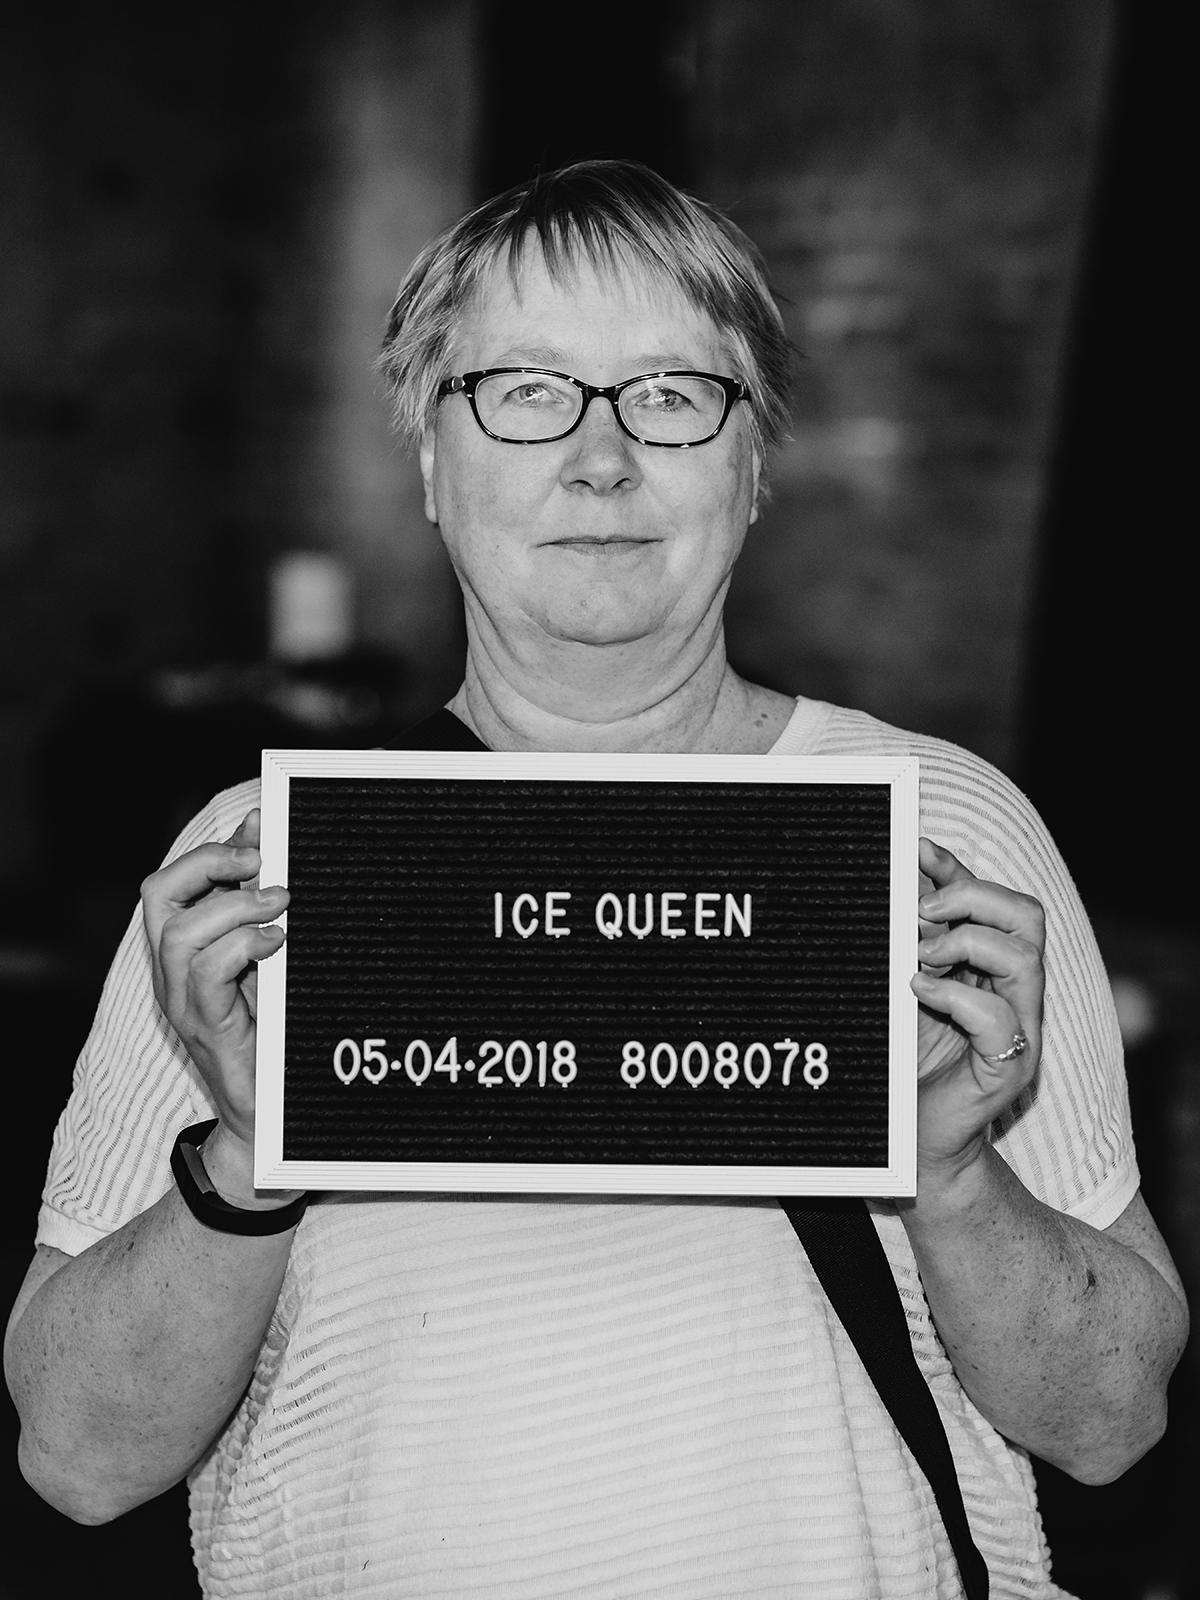 8008078 ice queen.jpg